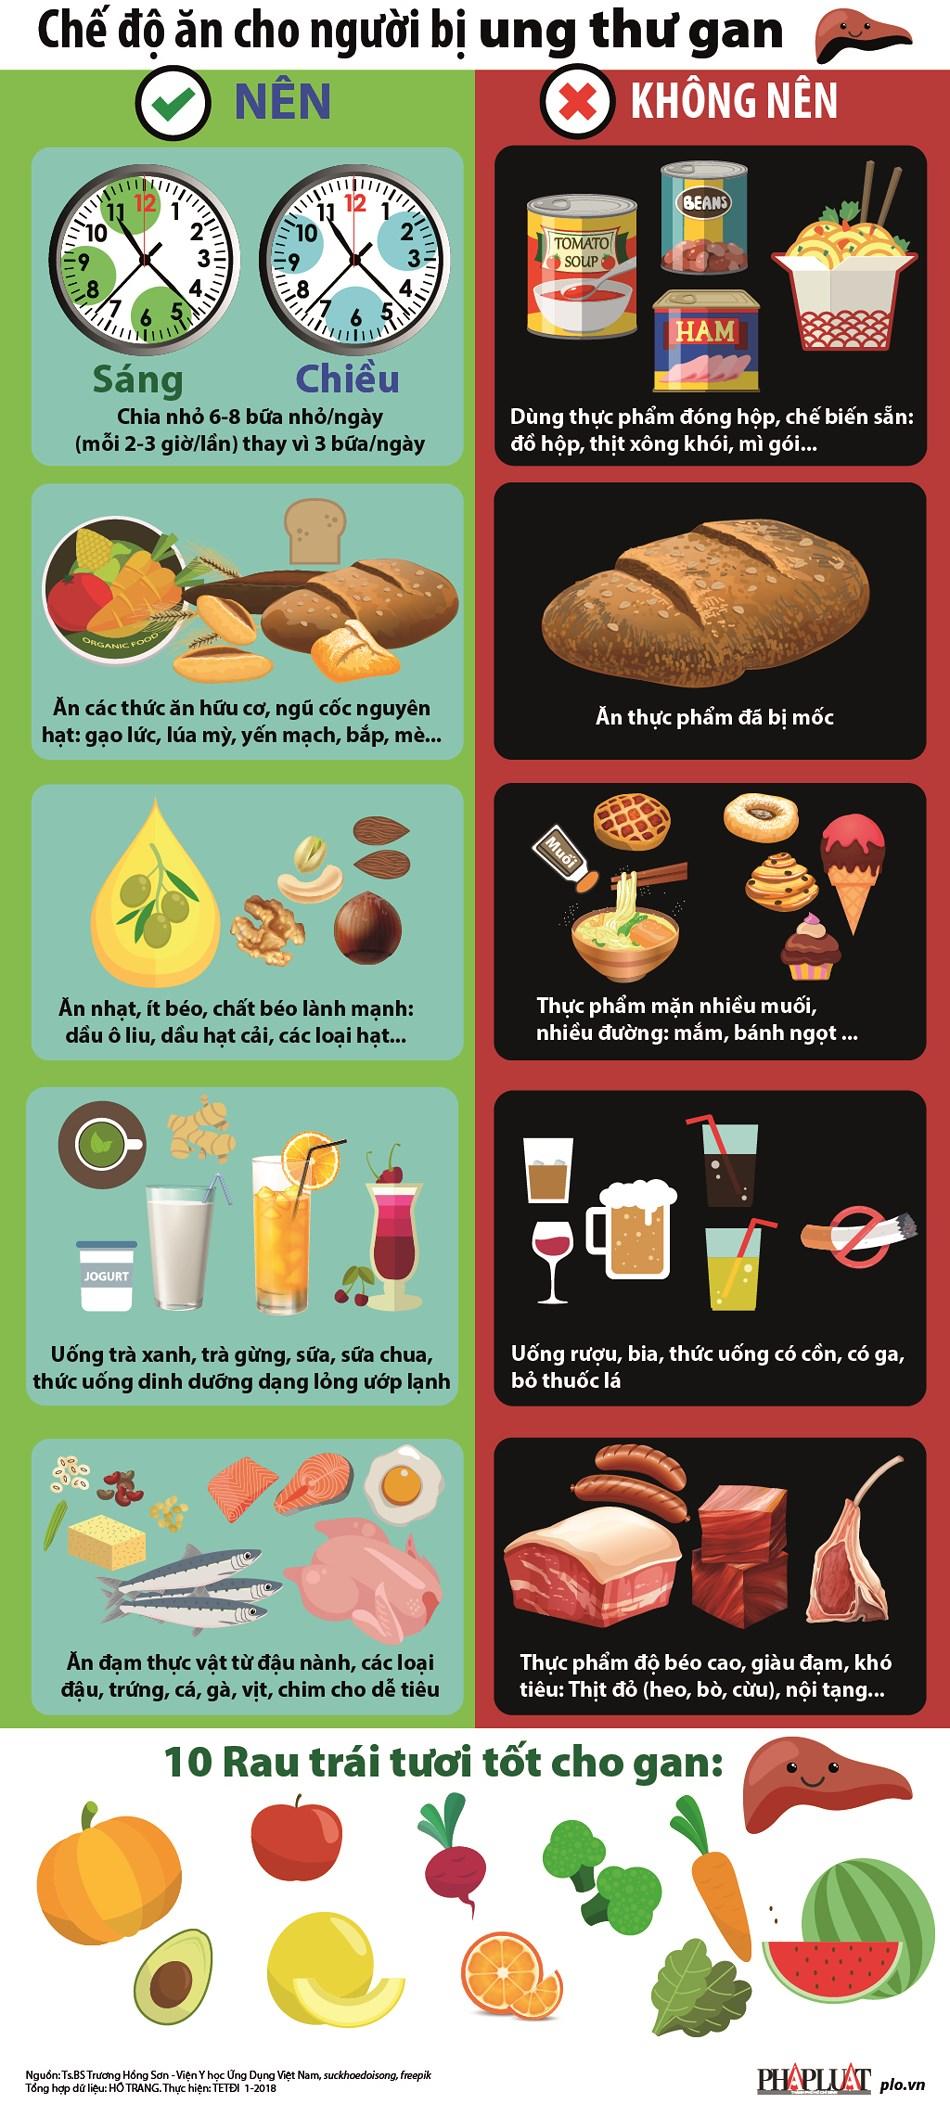 Chế độ ăn cho người bị ung thư gan - 1